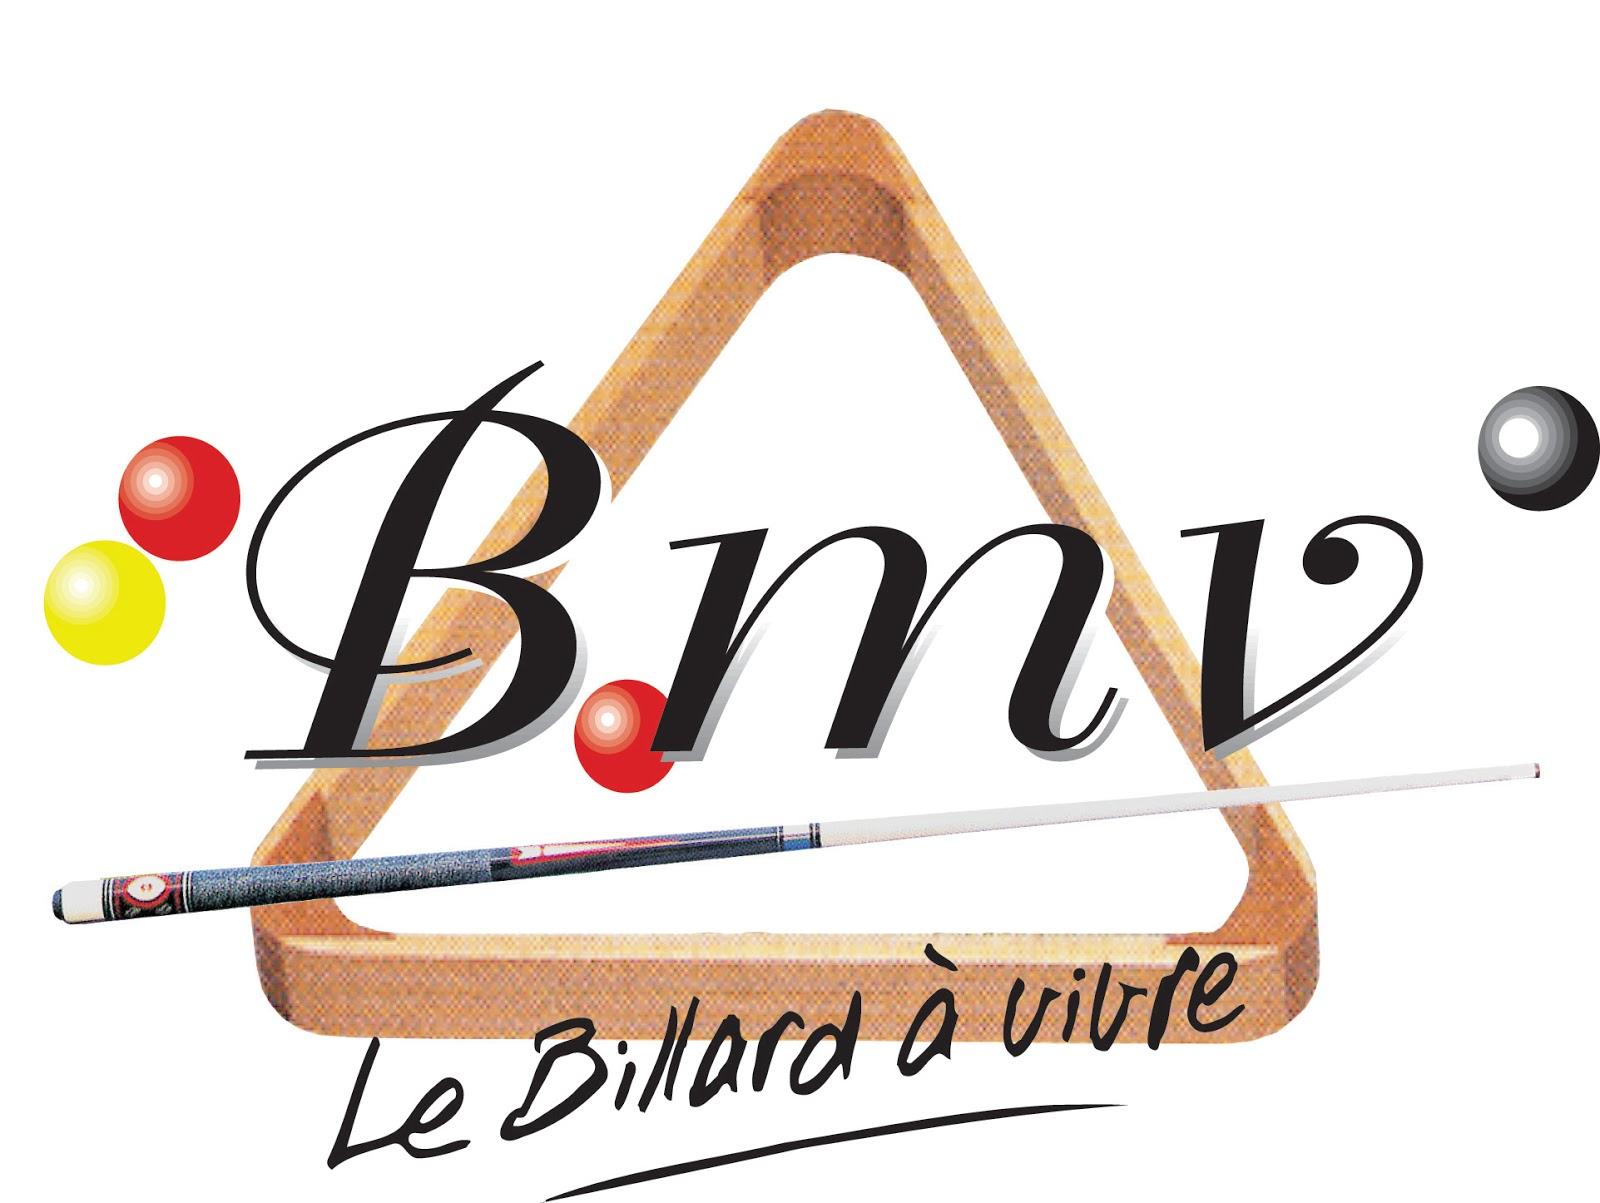 Vente et Location de Jeux et Billards dans Toute la France et à l'Etranger